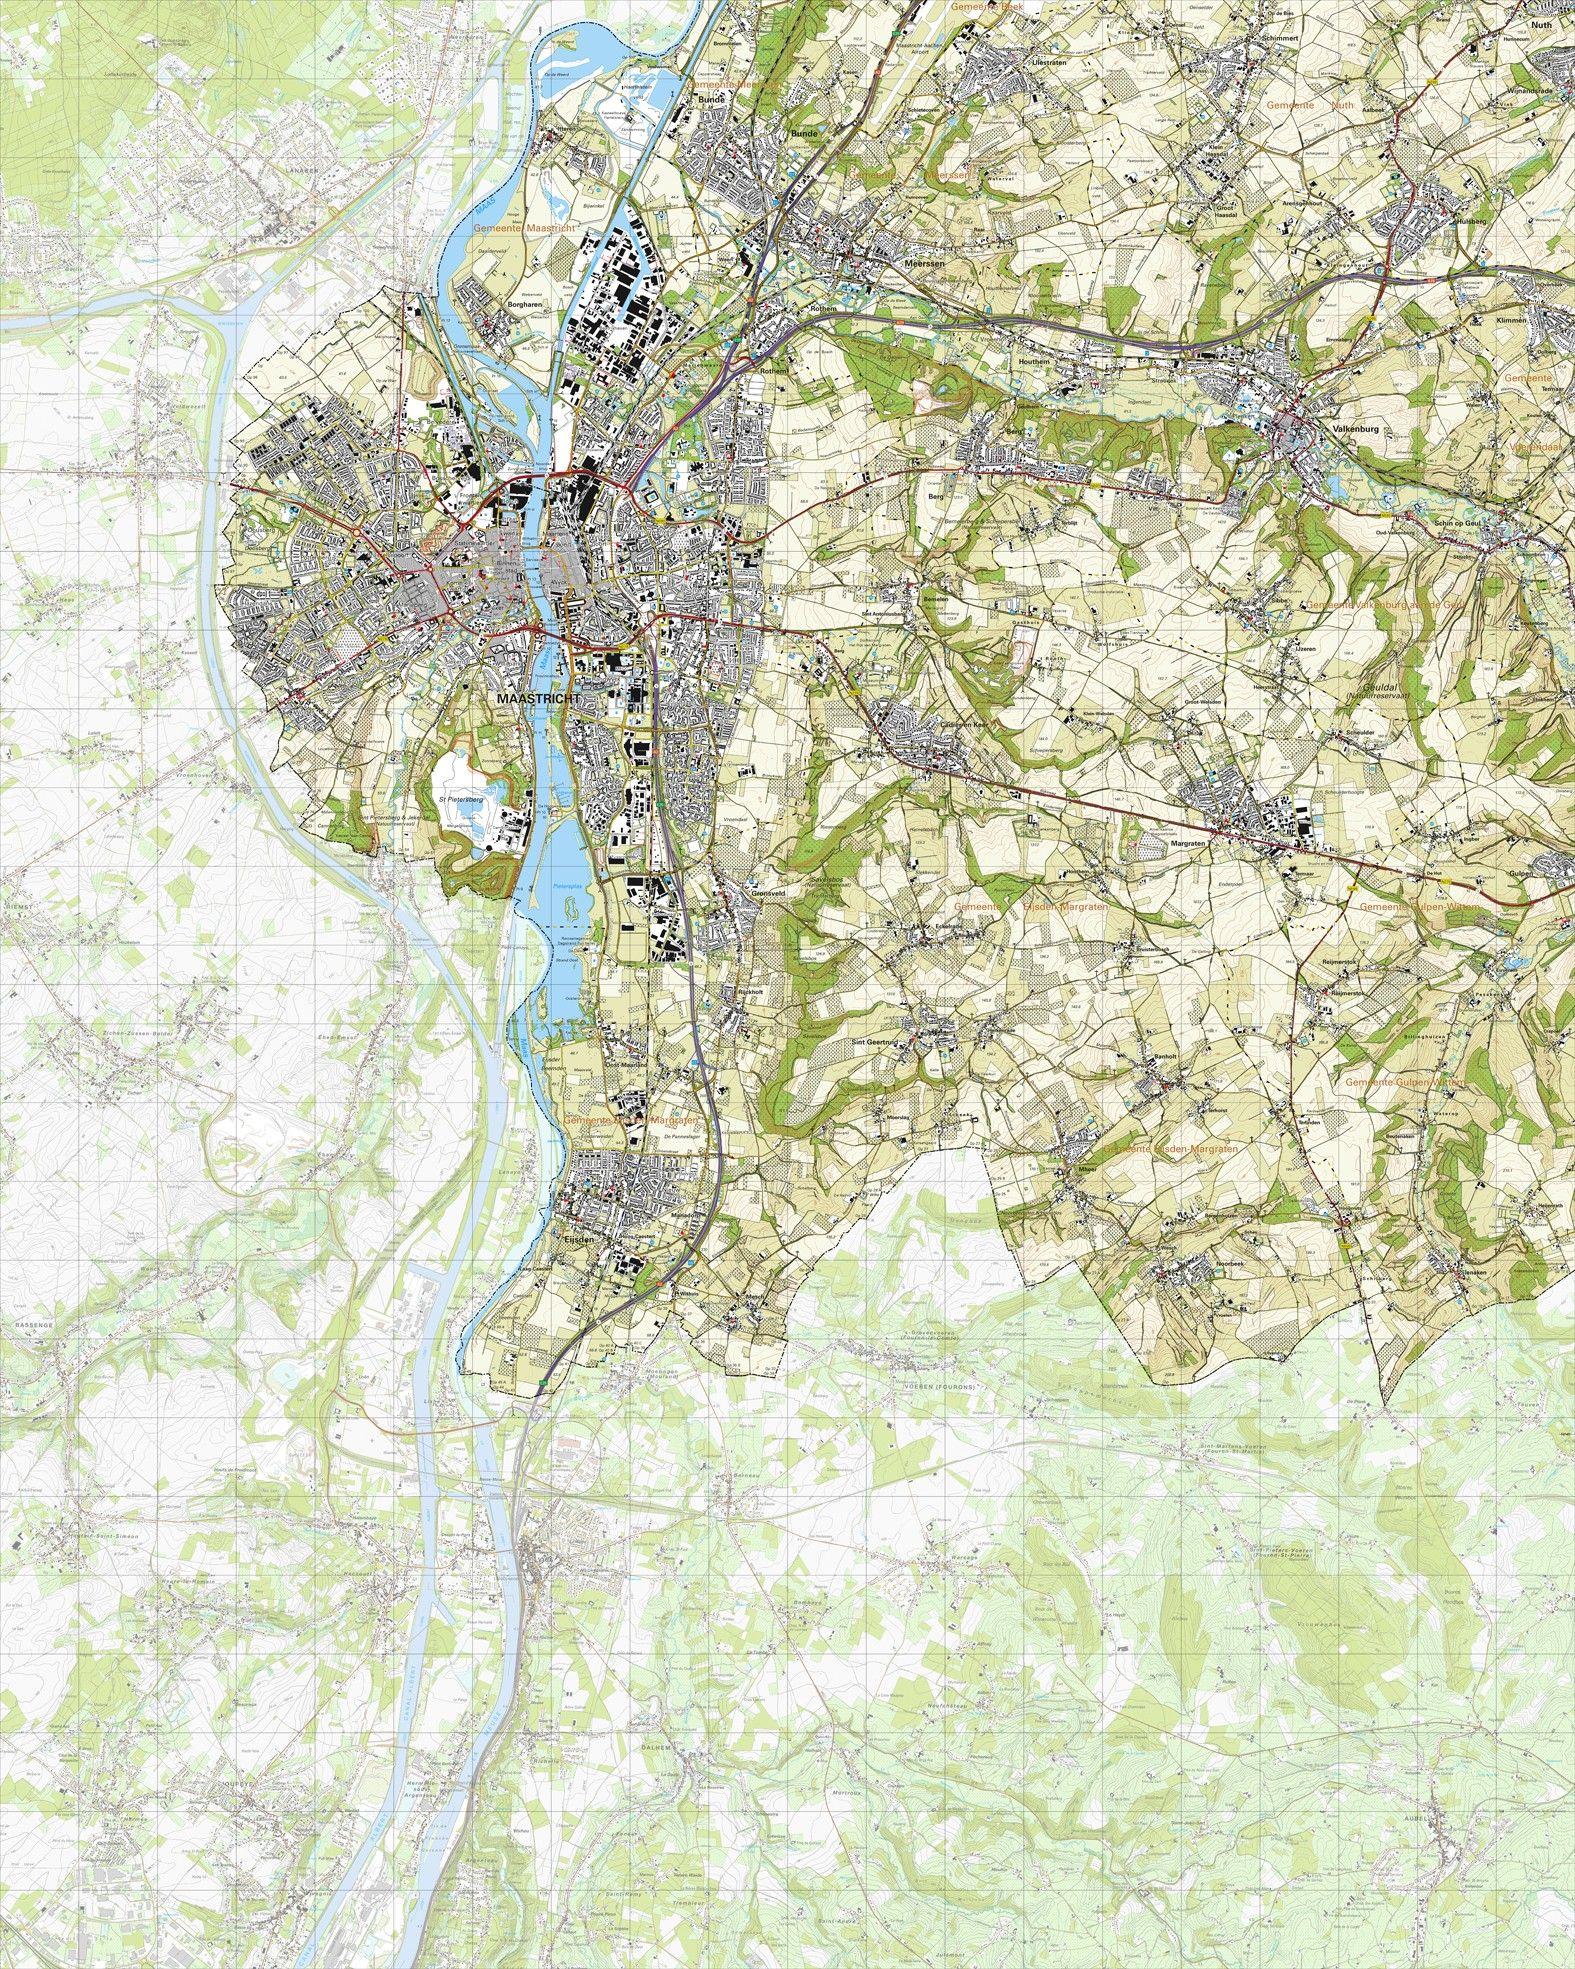 Topografische kaart schaal 1:25.000 (Maastricht, Meerssen, Valkenburg, Margraten, Eijsden, Nuth)